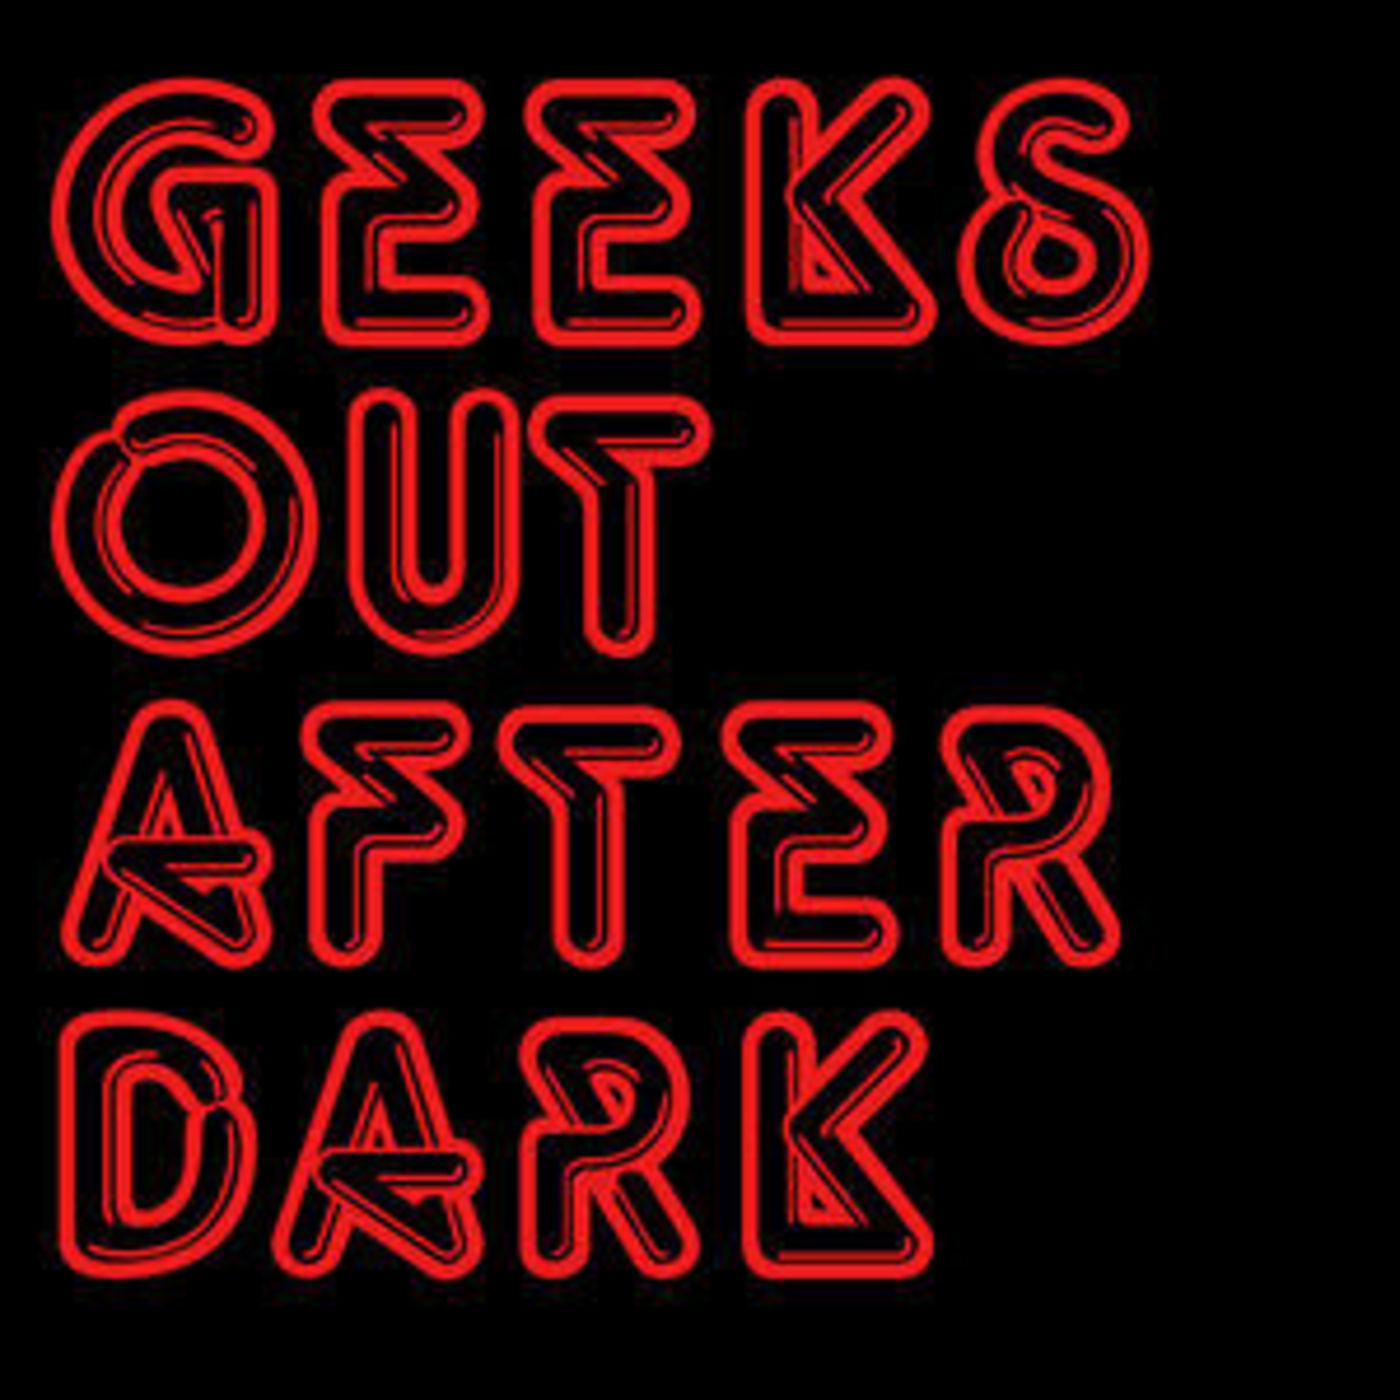 <![CDATA[Geeks Out After Dark]]>